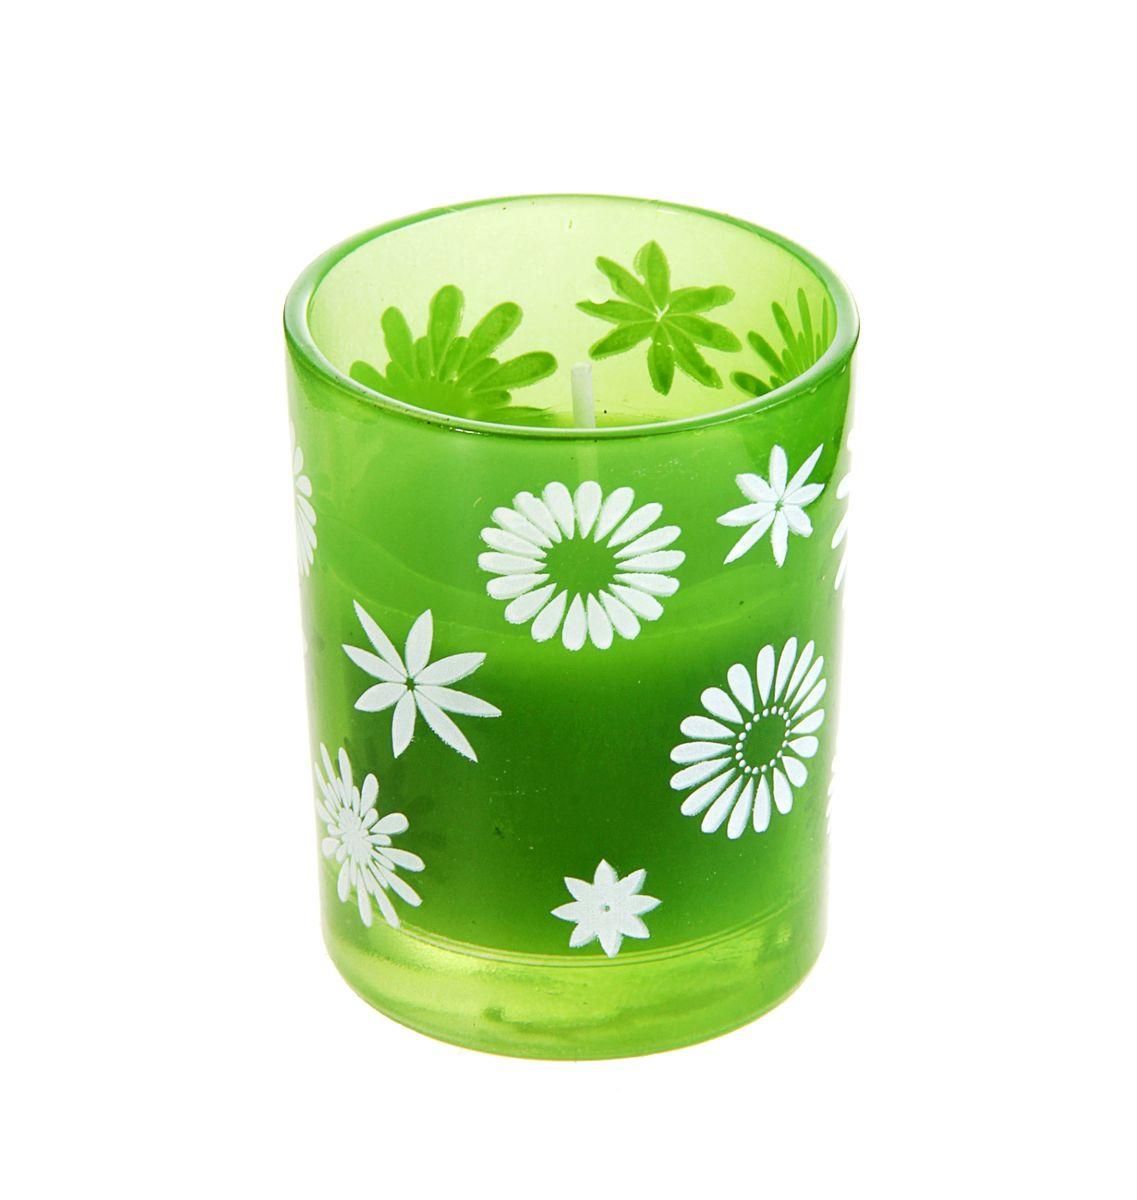 Свеча Sima-land Цветочки, цвет: зеленый, белый, высота 6 см фонтант sima land летняя прохлада колодец